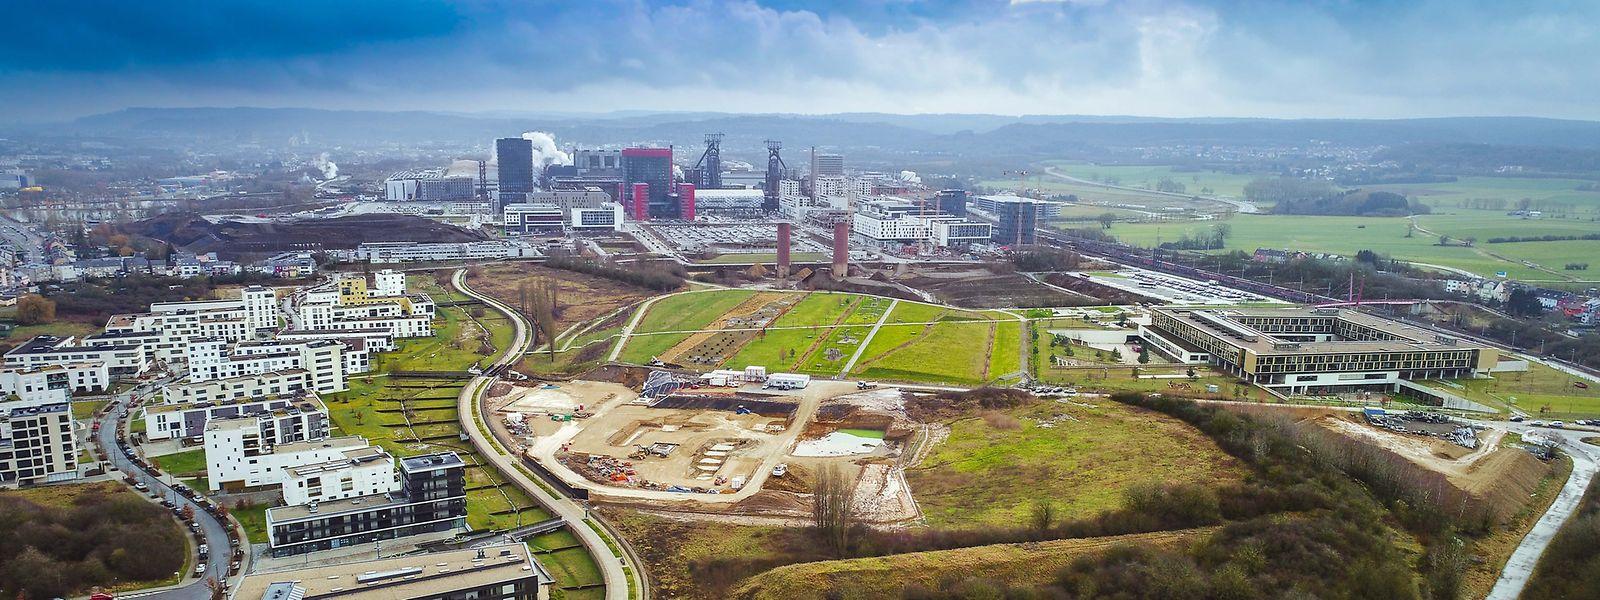 Auf einer Fläche so groß wie 170 Fußballfelder entsteht in Belval ein komplett neues Stadtviertel.